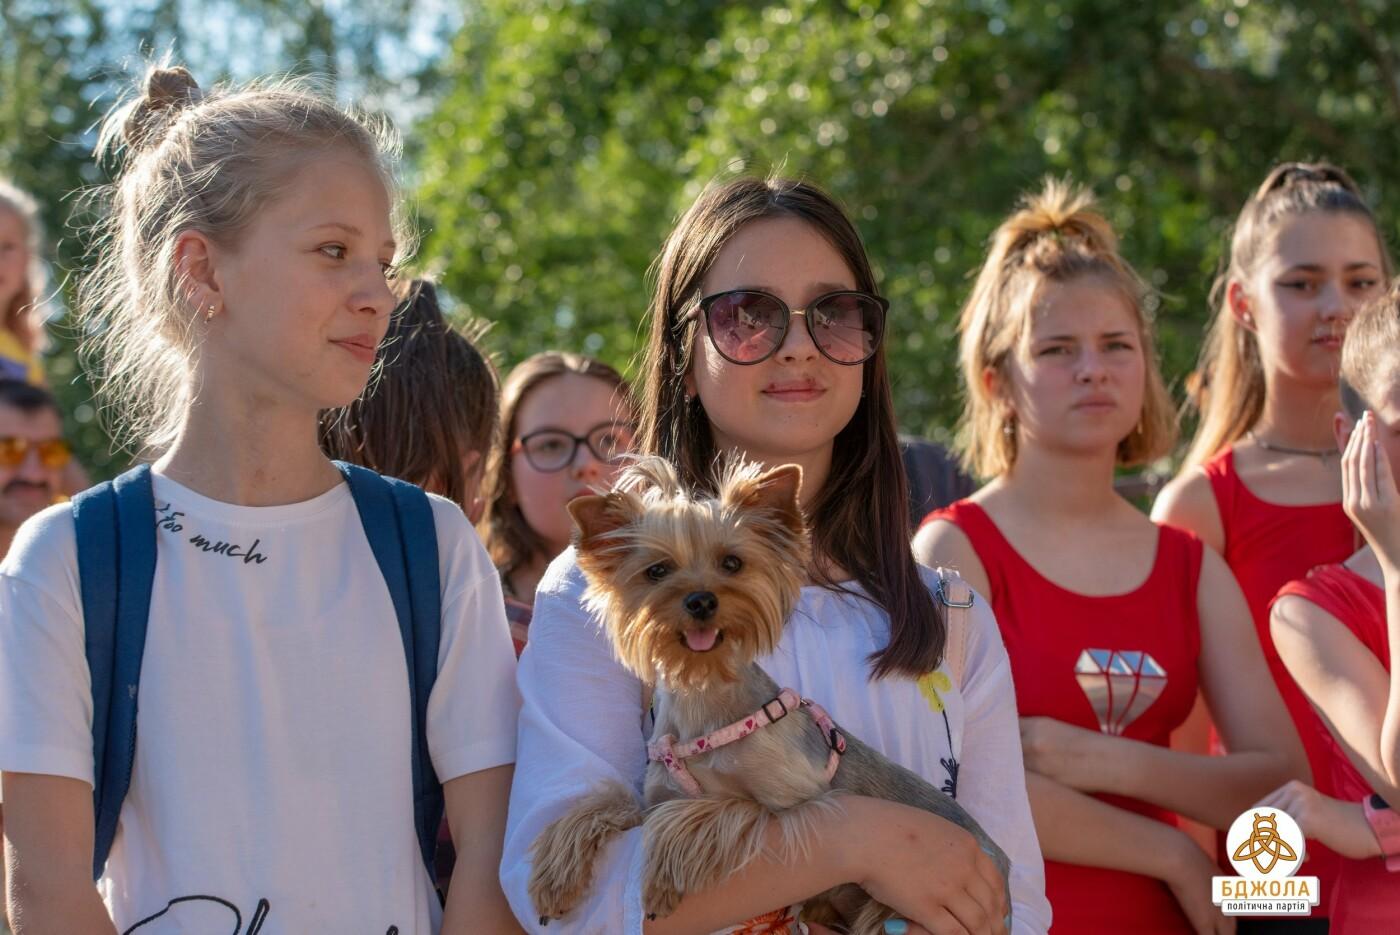 Партія «Бджола» організувала святковий захід до Дня молоді, фото-3